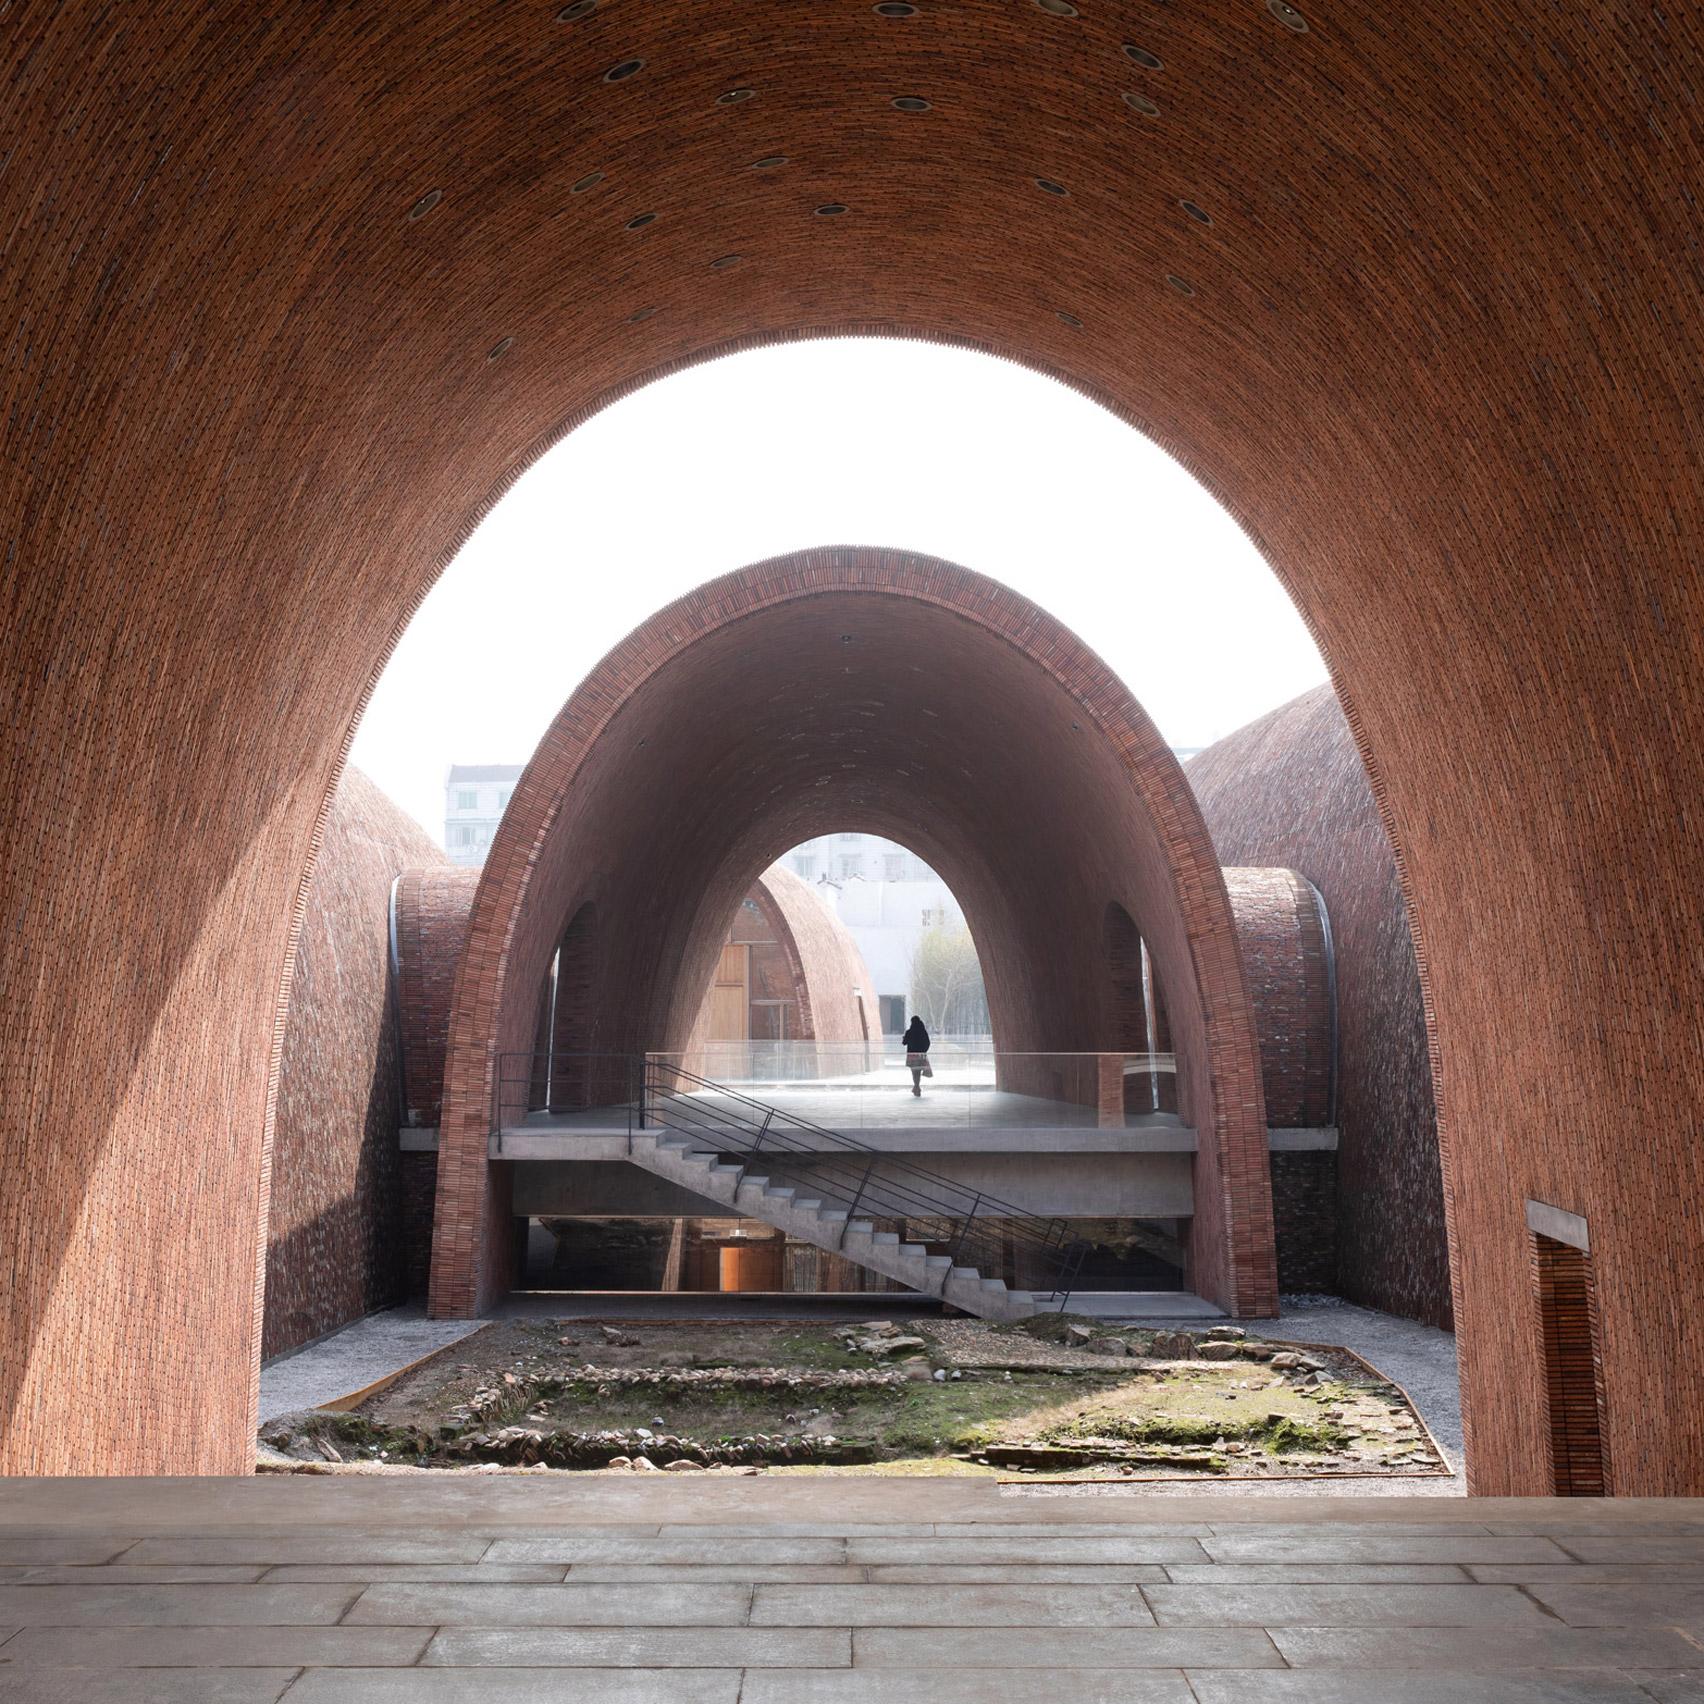 09 景德镇御窑博物馆,朱锫建筑设计事务所.jpg